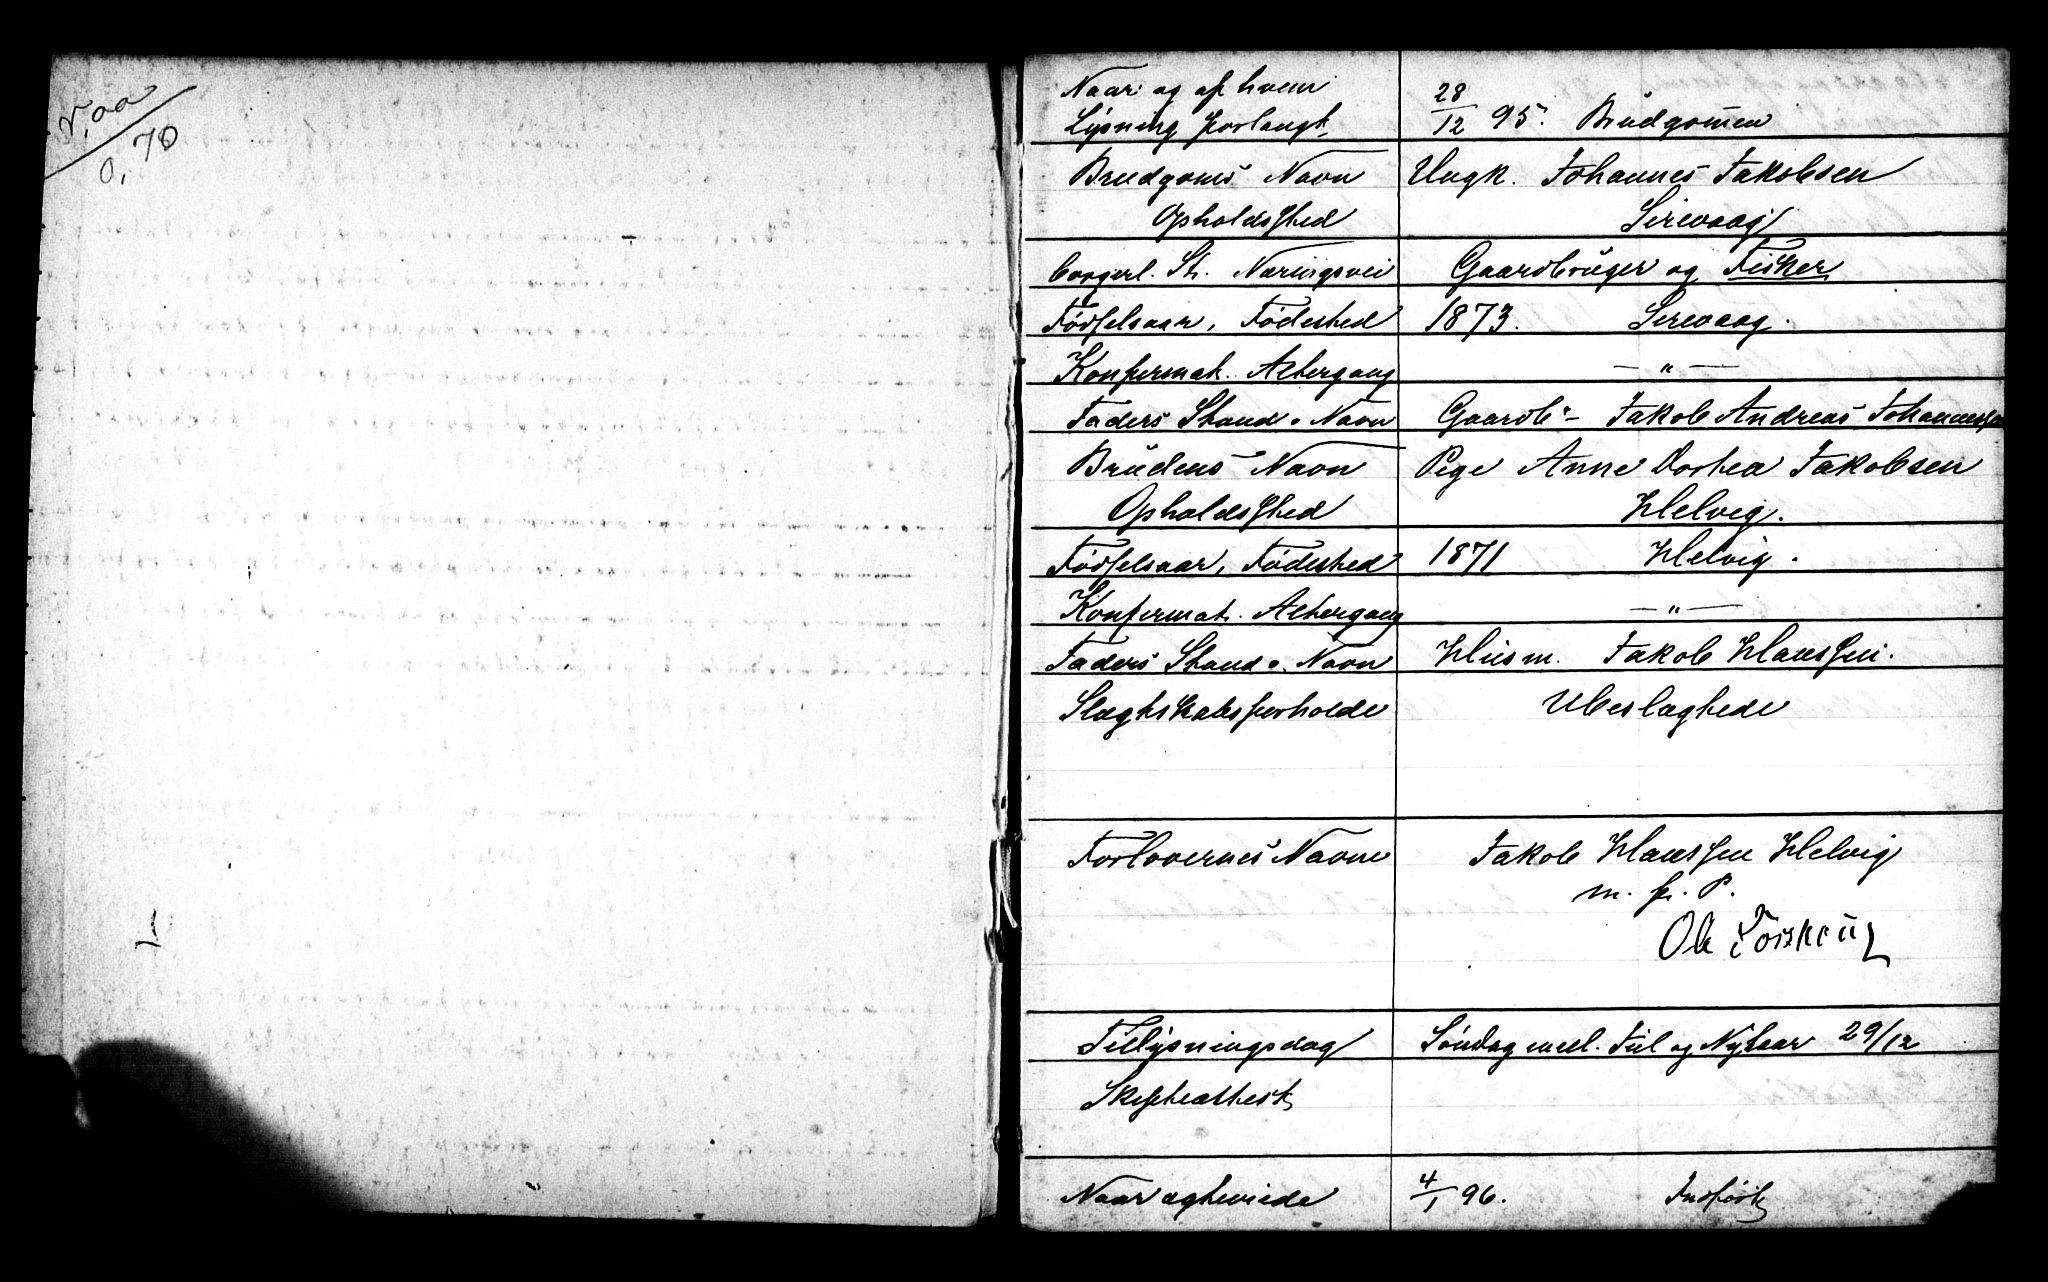 SAST, Egersund sokneprestkontor, Lysningsprotokoll nr. 705BA2, 1895-1900